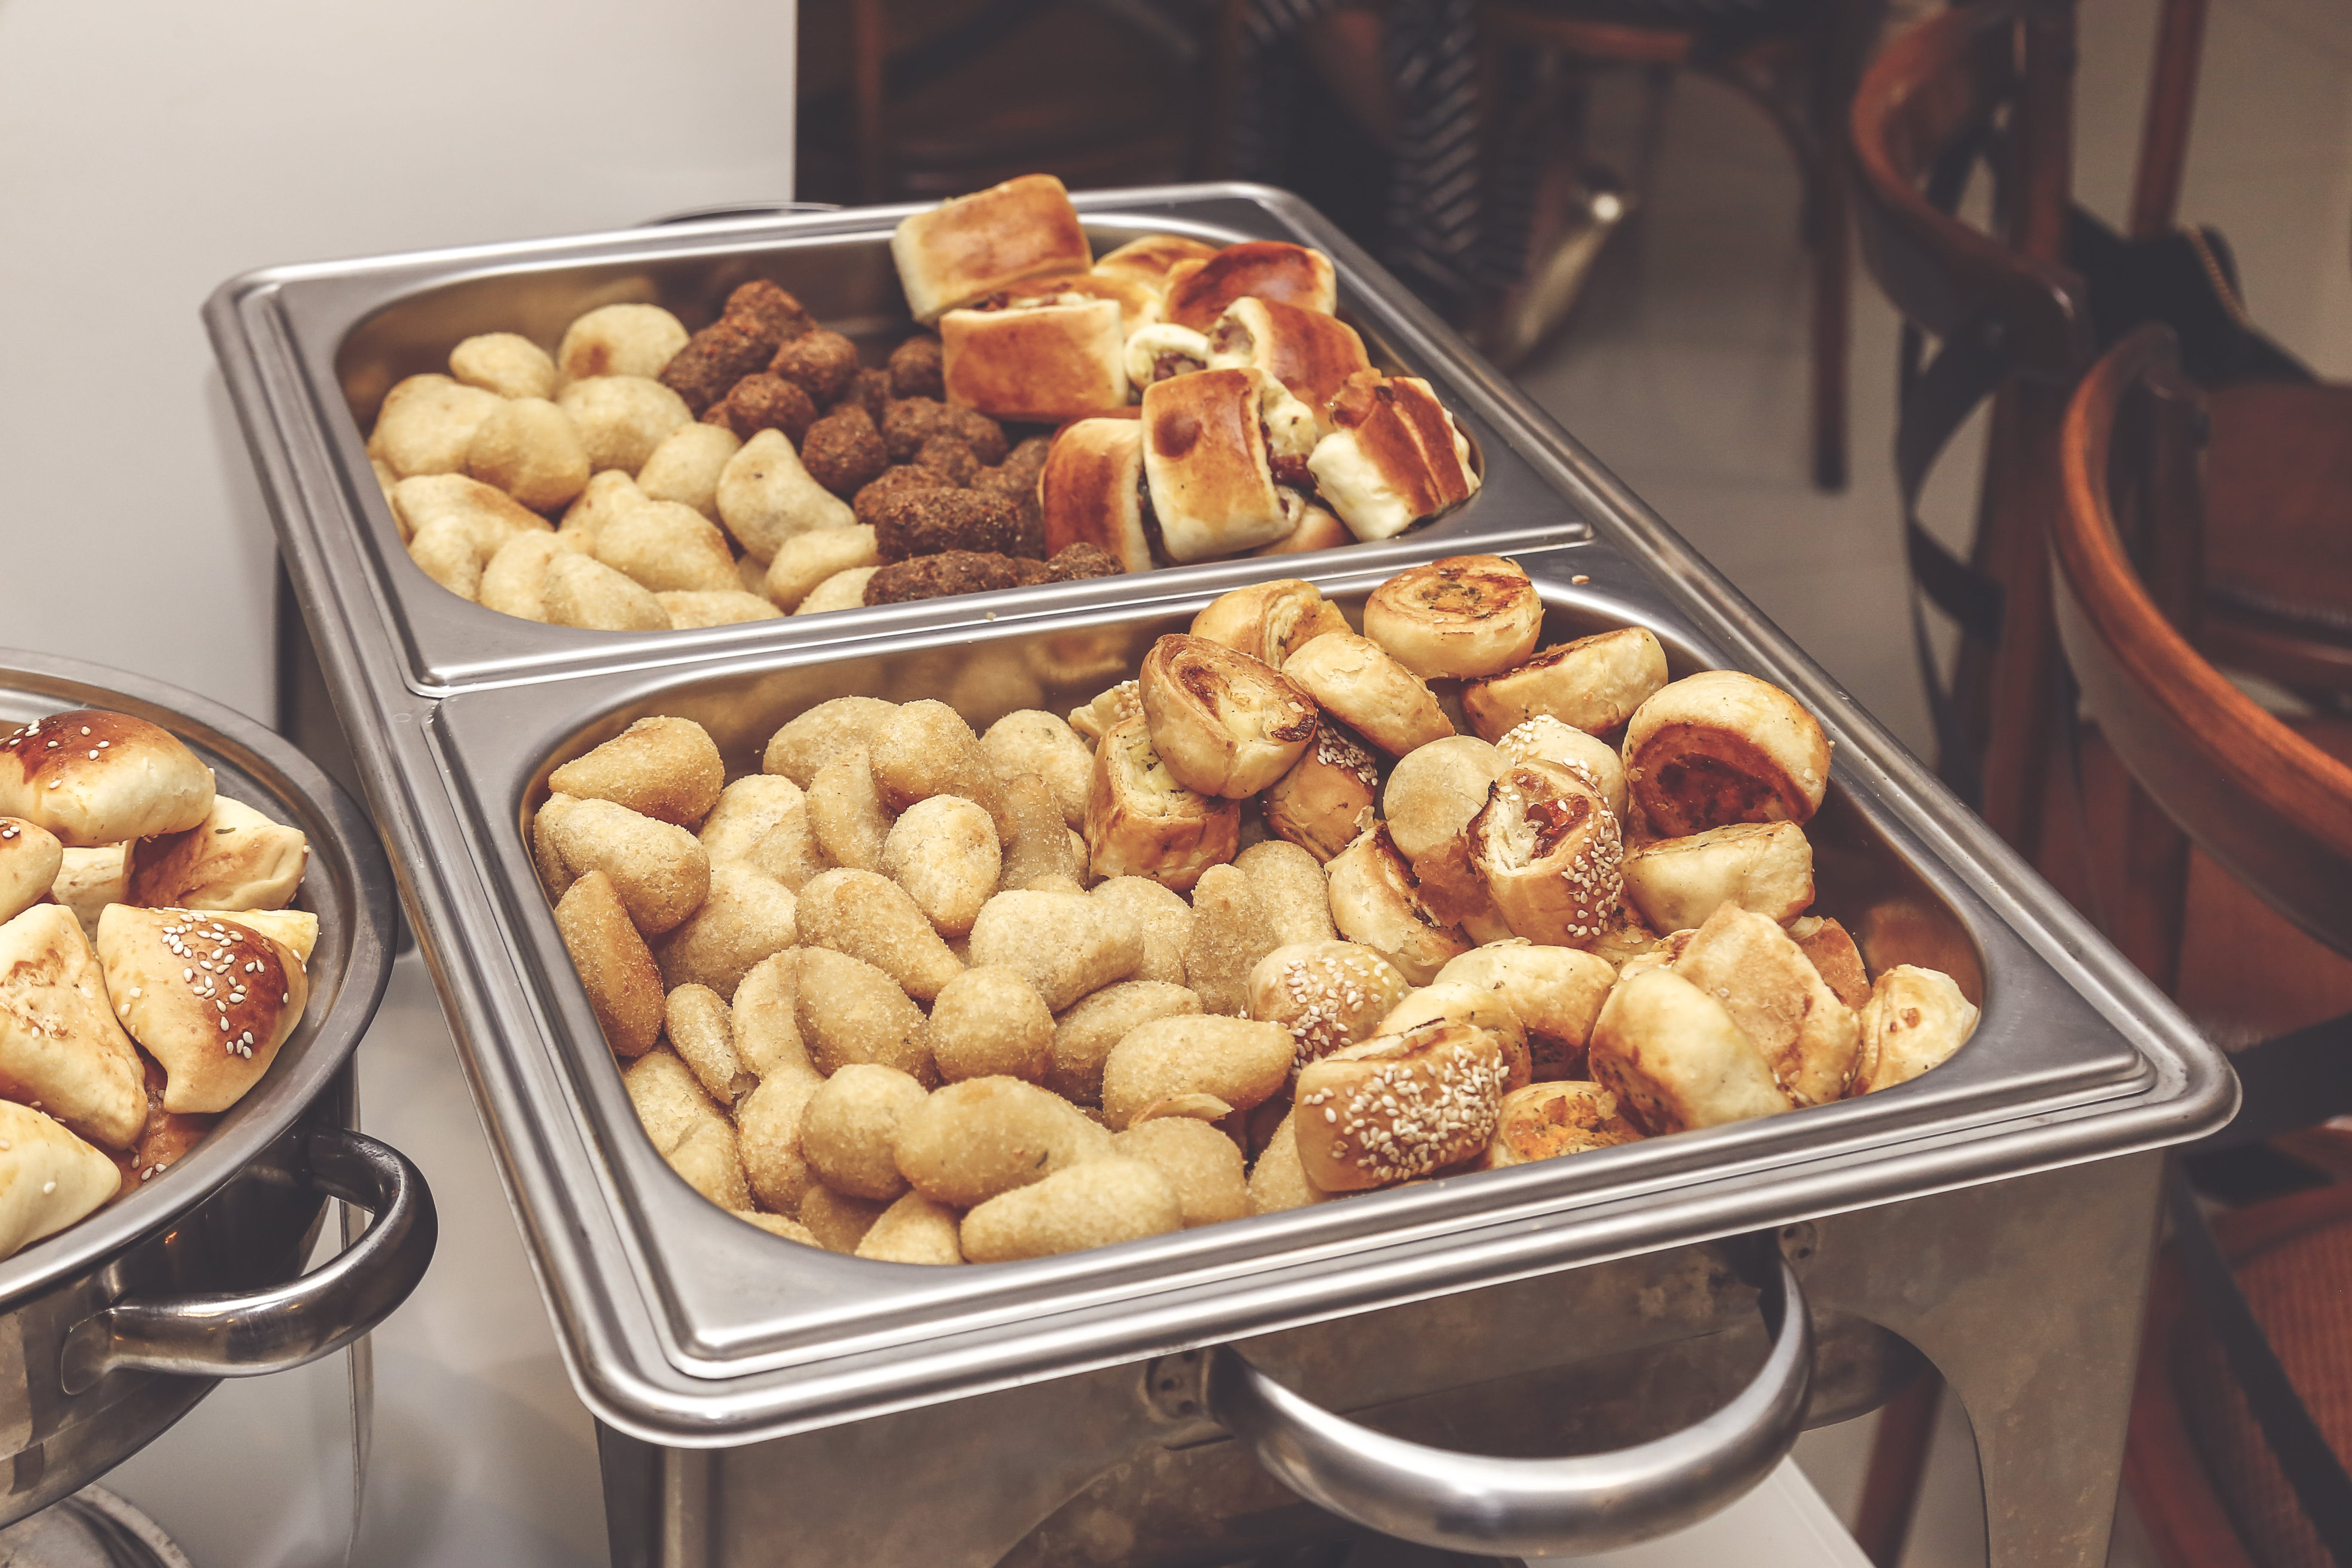 Δωρεάν στοκ φωτογραφιών με αρτοσκευάσματα, νοστιμότατος, τρόφιμα, ψωμί